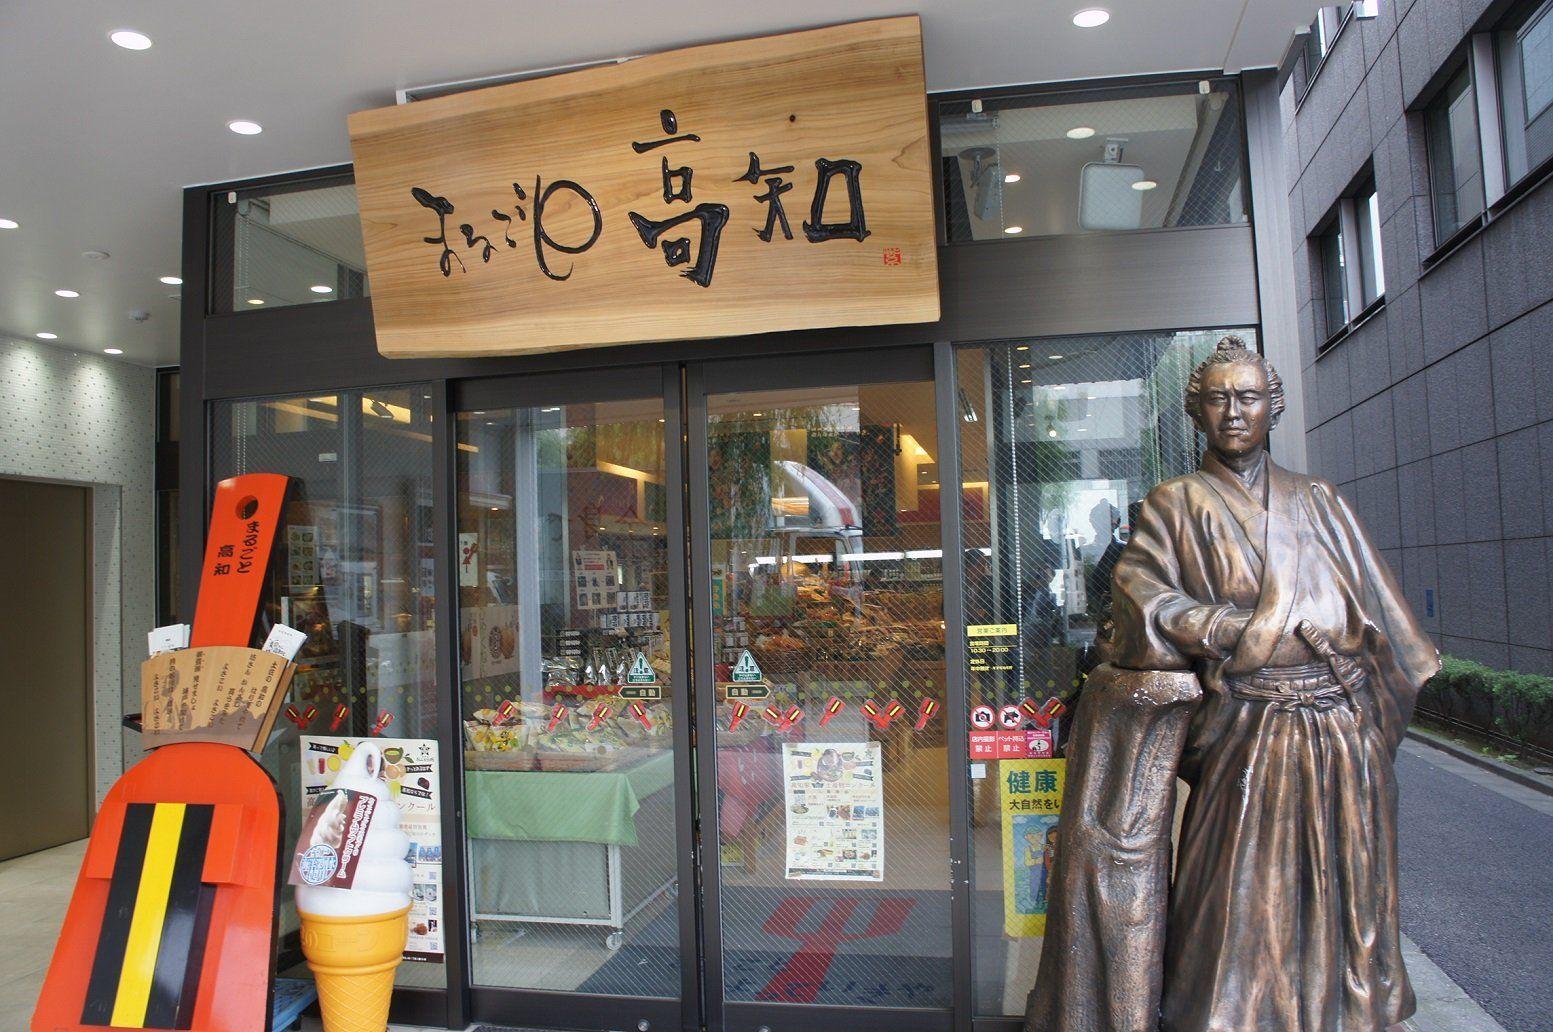 高知アンテナショップは東京銀座に!まるごと高知で坂本龍馬と観光情報!